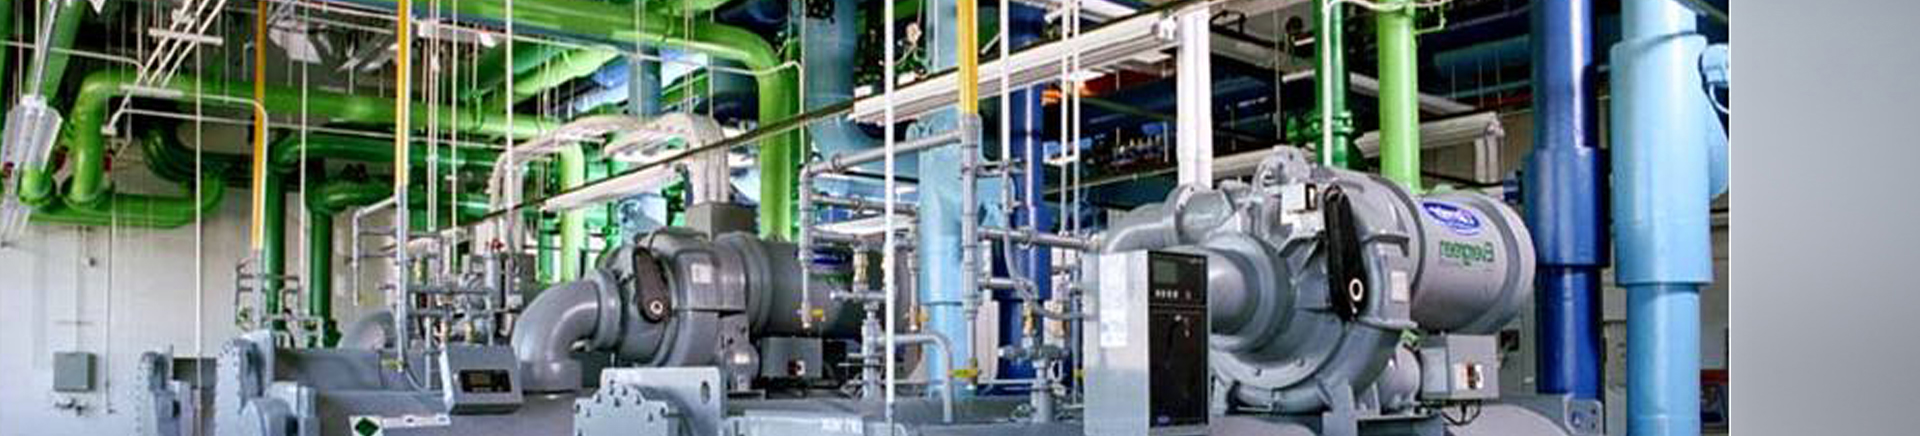 Electro-Mechanical :: Services : Line Development Contracting Est